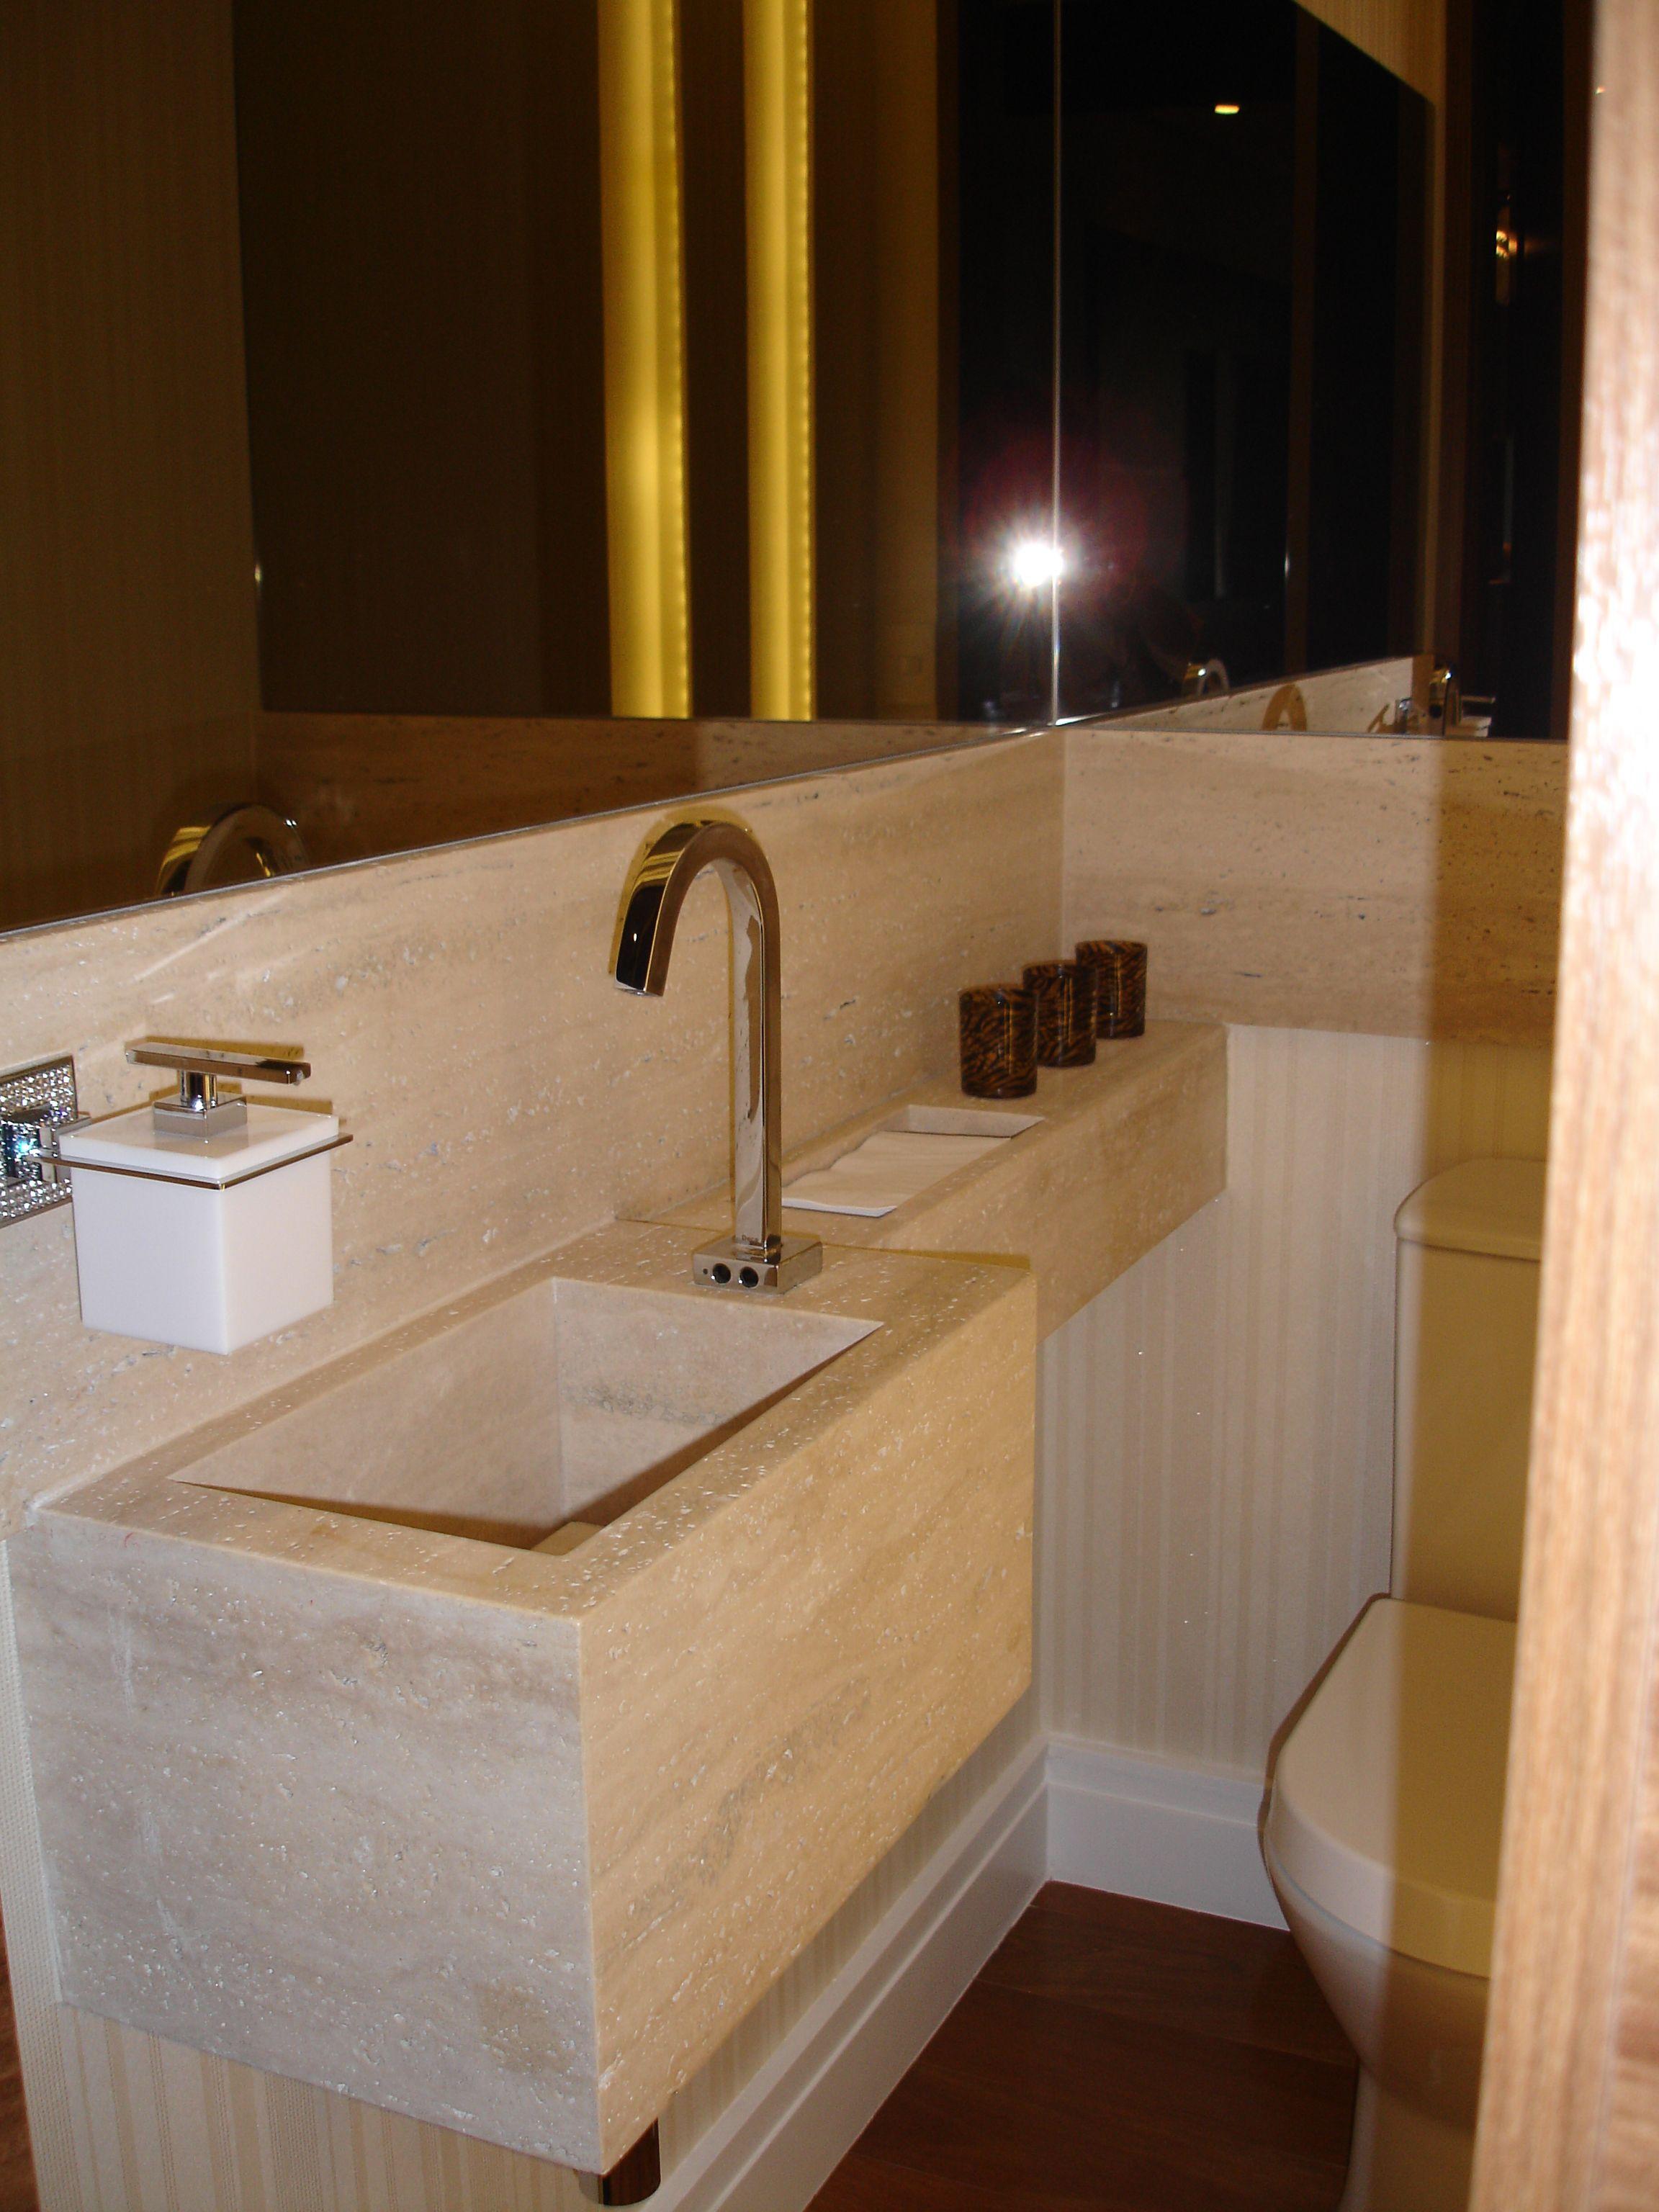 Lavabo com cuba esculpida  Banheiros  Pinterest  Decoration -> Cuba Para Banheiro Pequeno